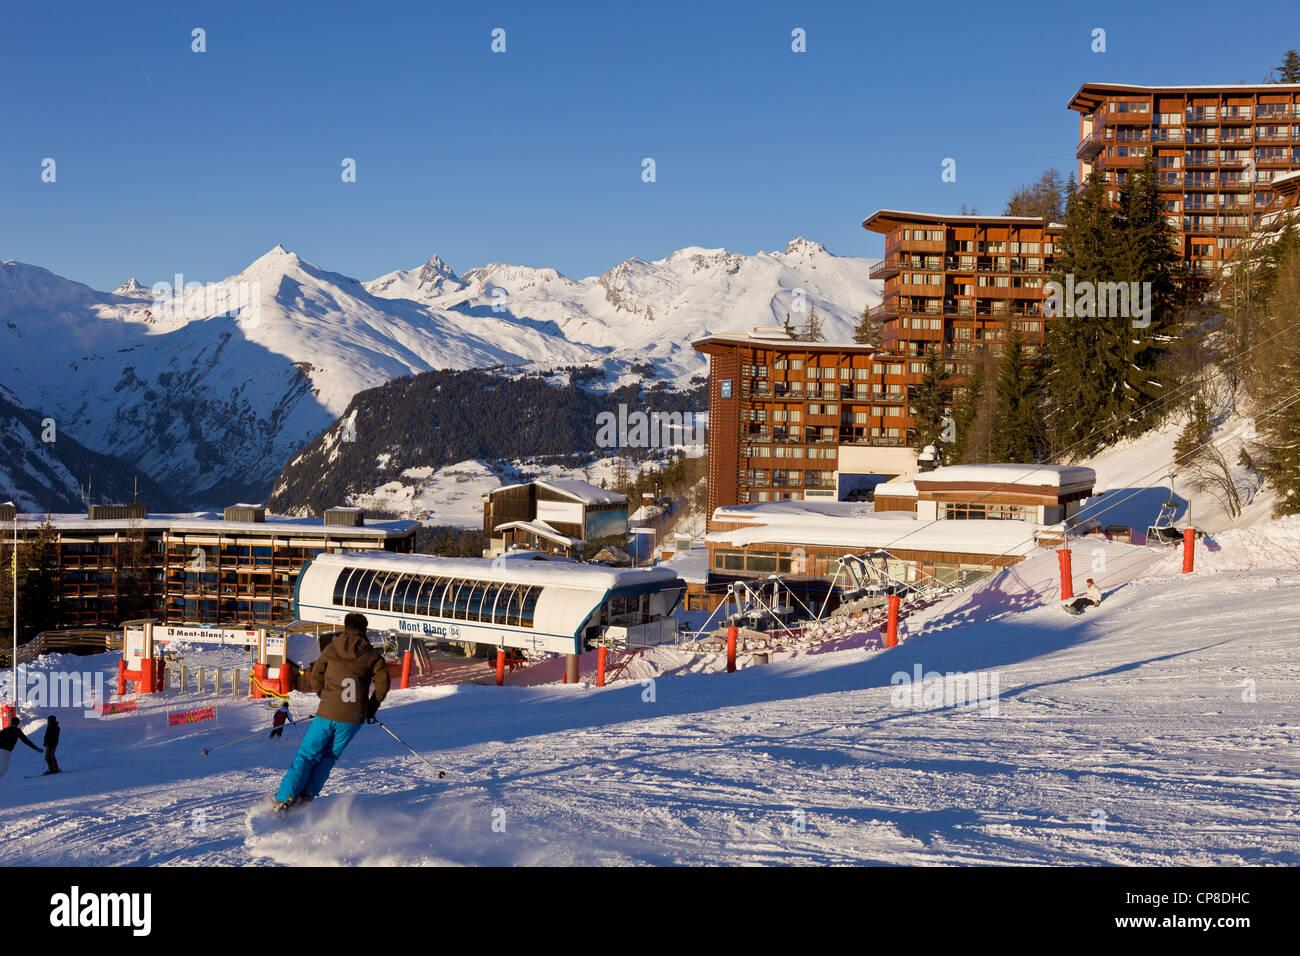 France, Savoie, Les Arcs 1600, Massif de La Vanoise, high Tarentaise valley - Stock Image